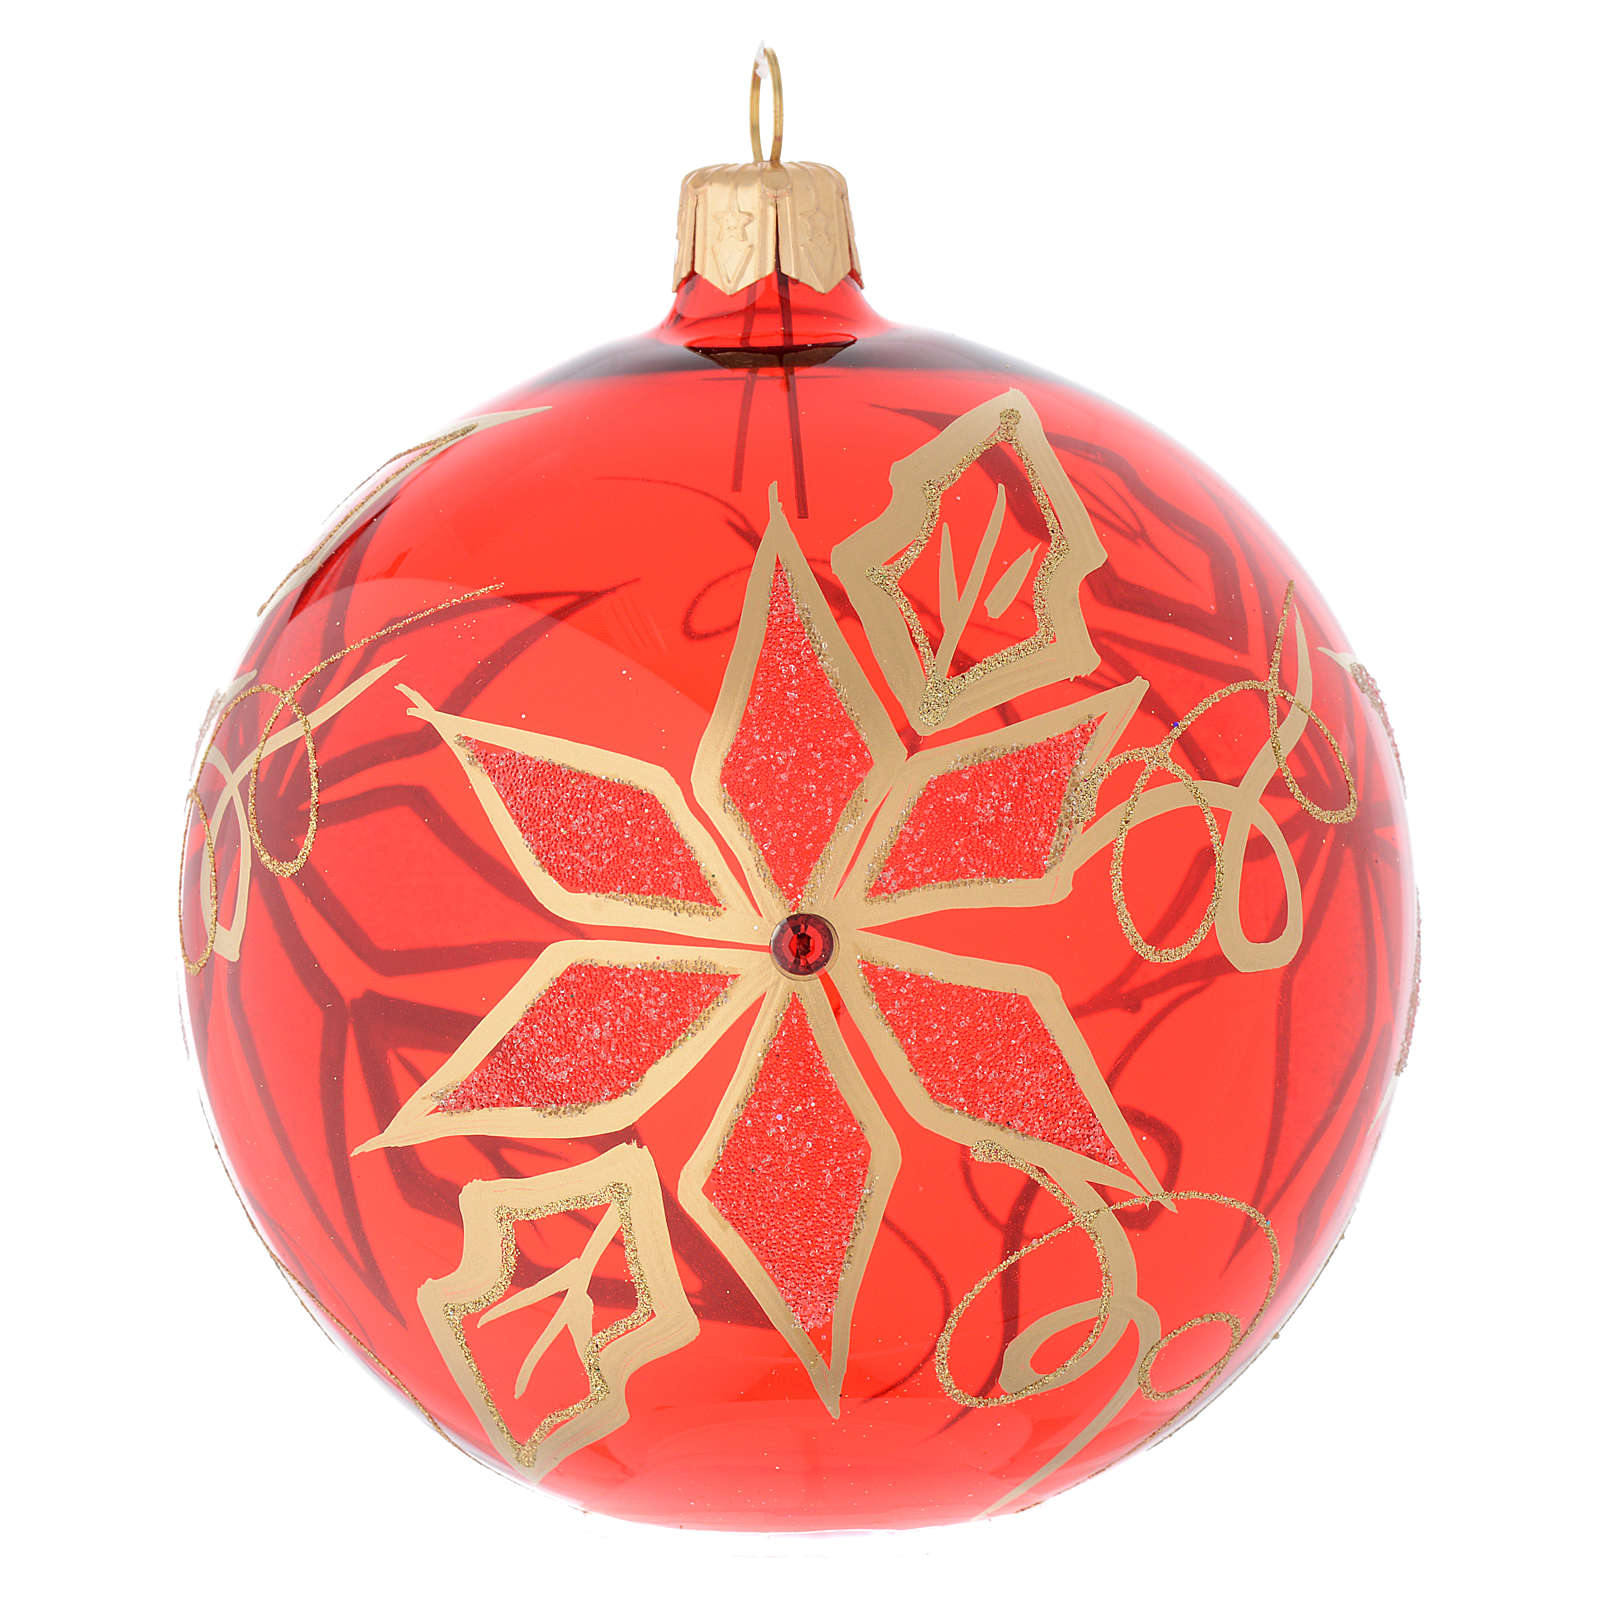 Bombka bożonarodzeniowa  szkło dmuchane dekoracja gwiazda betlejemska 100mm 4